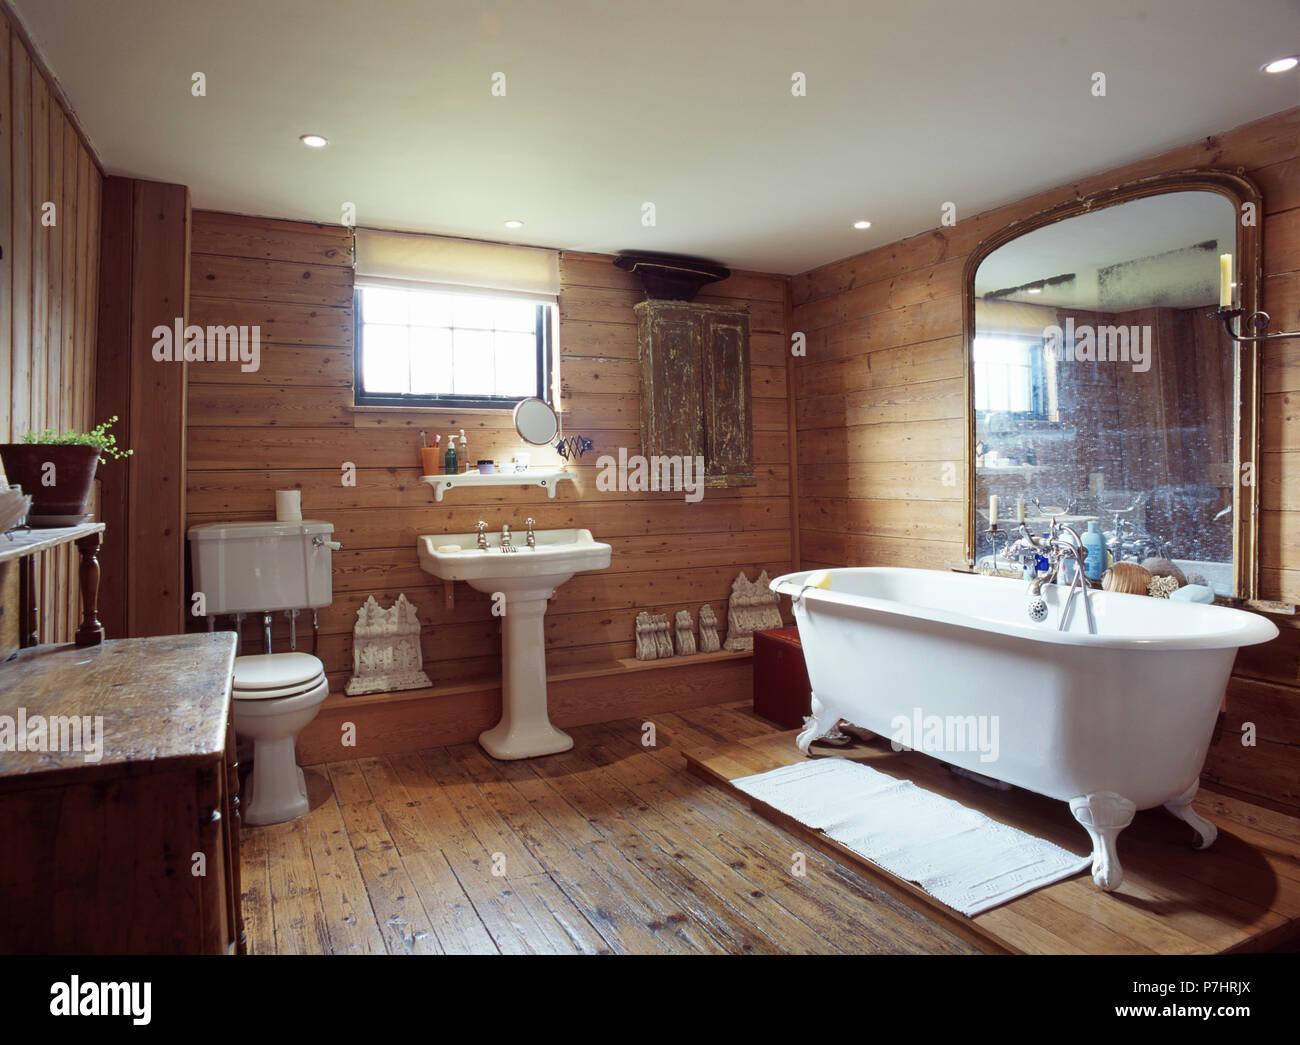 holzgetäfelte wände und boden im bad mit großen antiken spiegel über